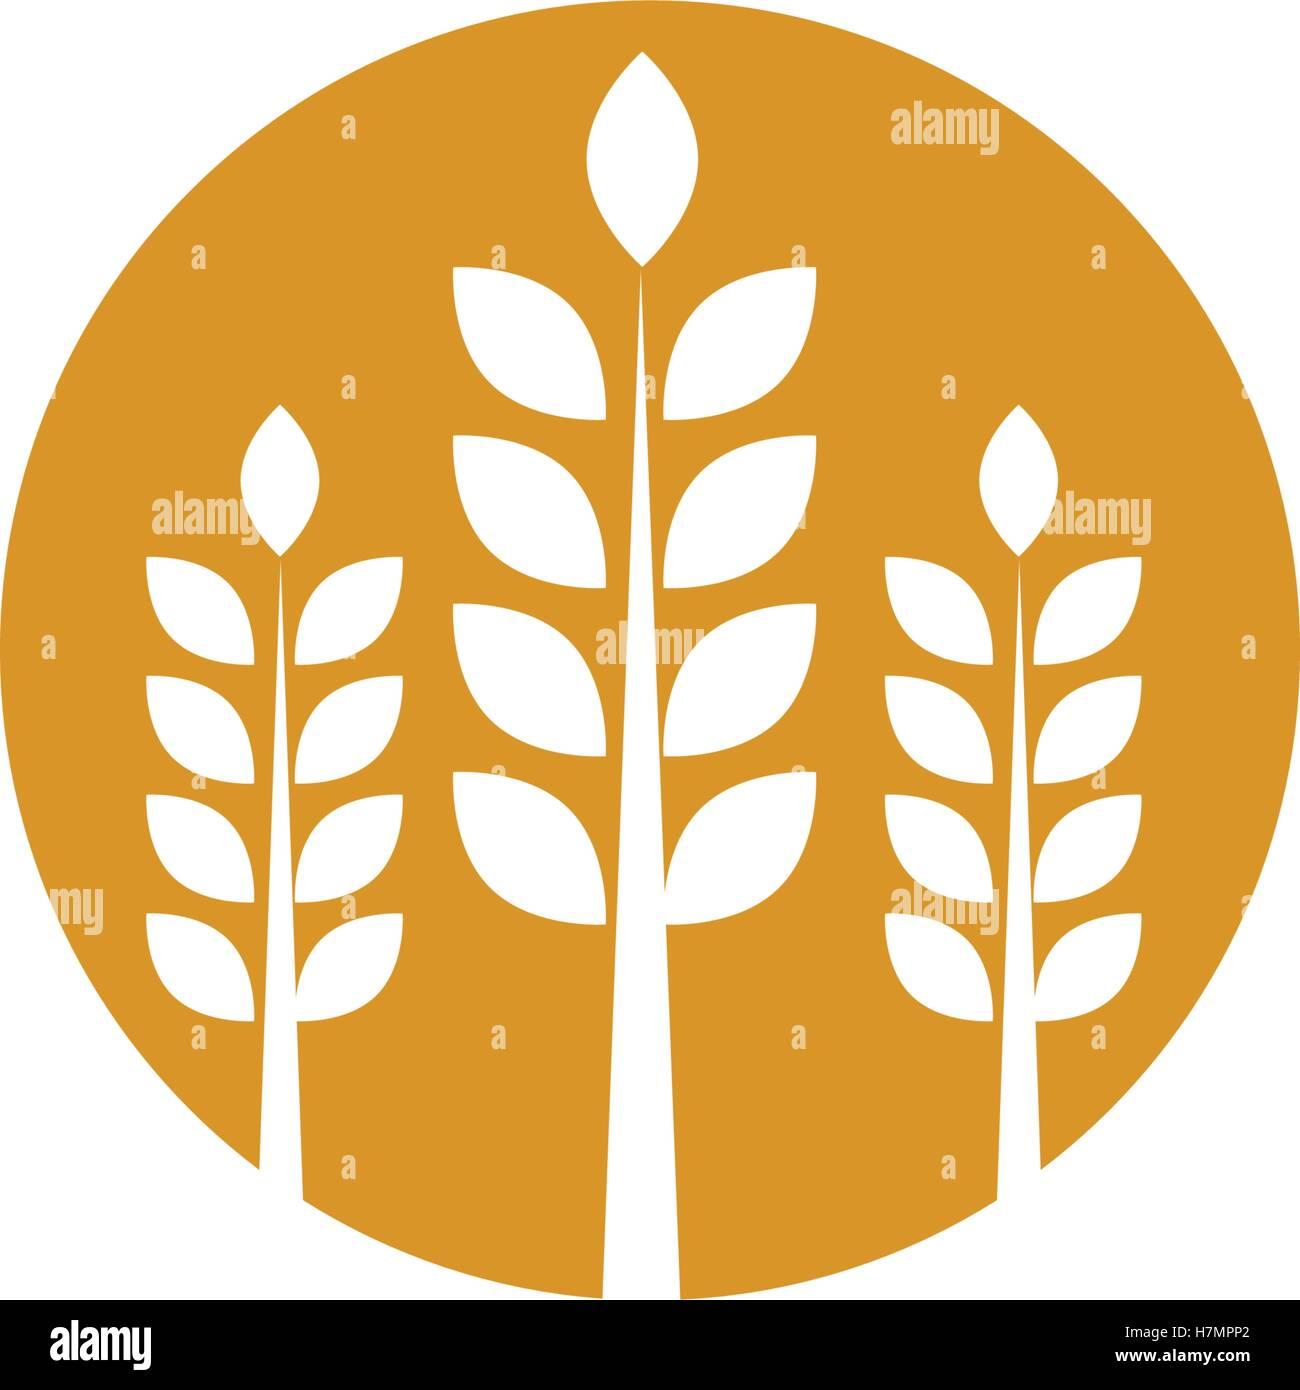 Weizen-Logo Vorlage Vektor Abbildung - Bild: 125232074 - Alamy